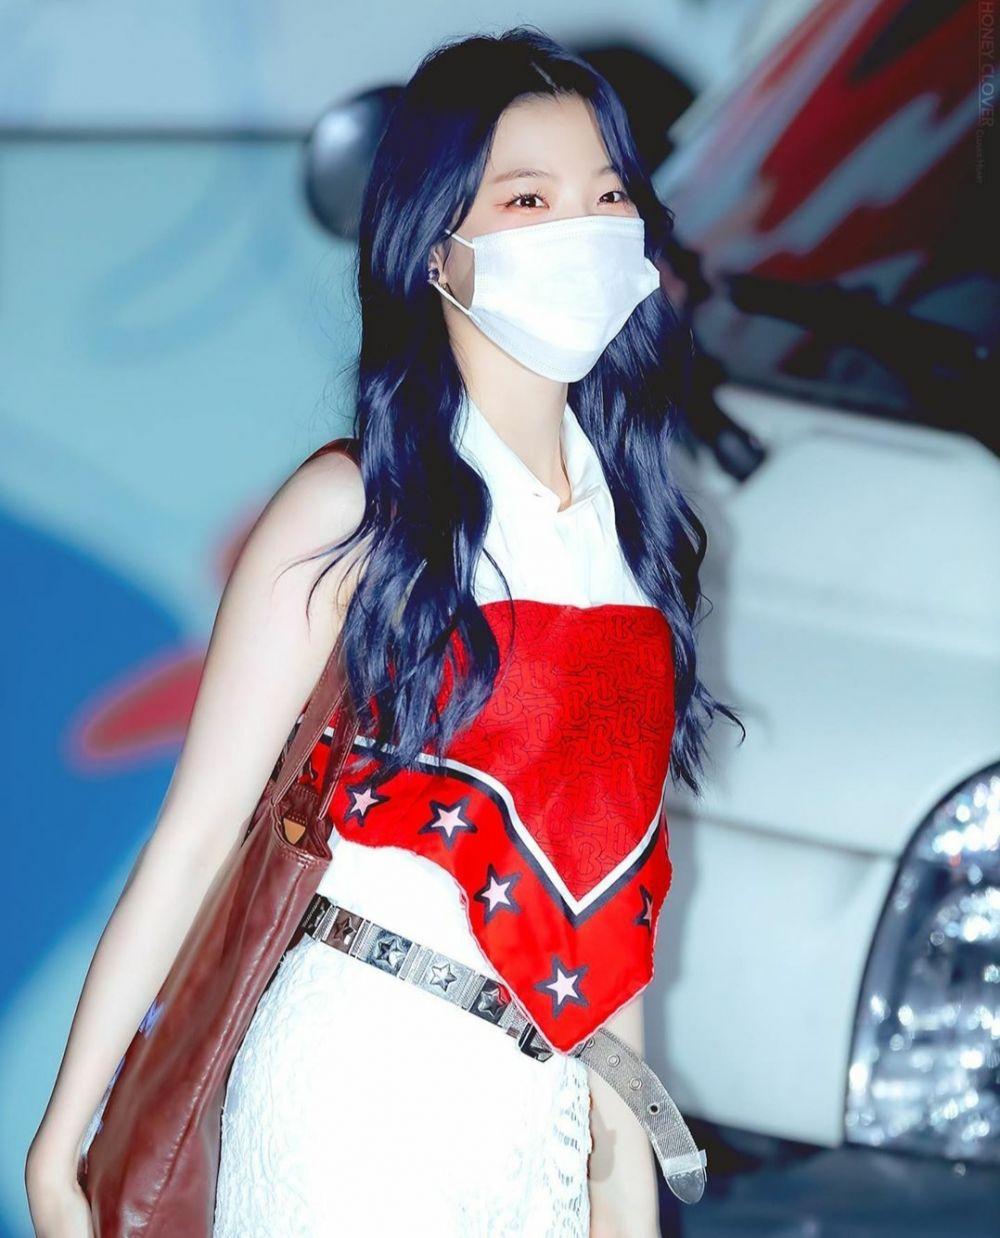 10 Potret Tampilan Baru Jiheon Fromis_9 dengan Rambut Biru